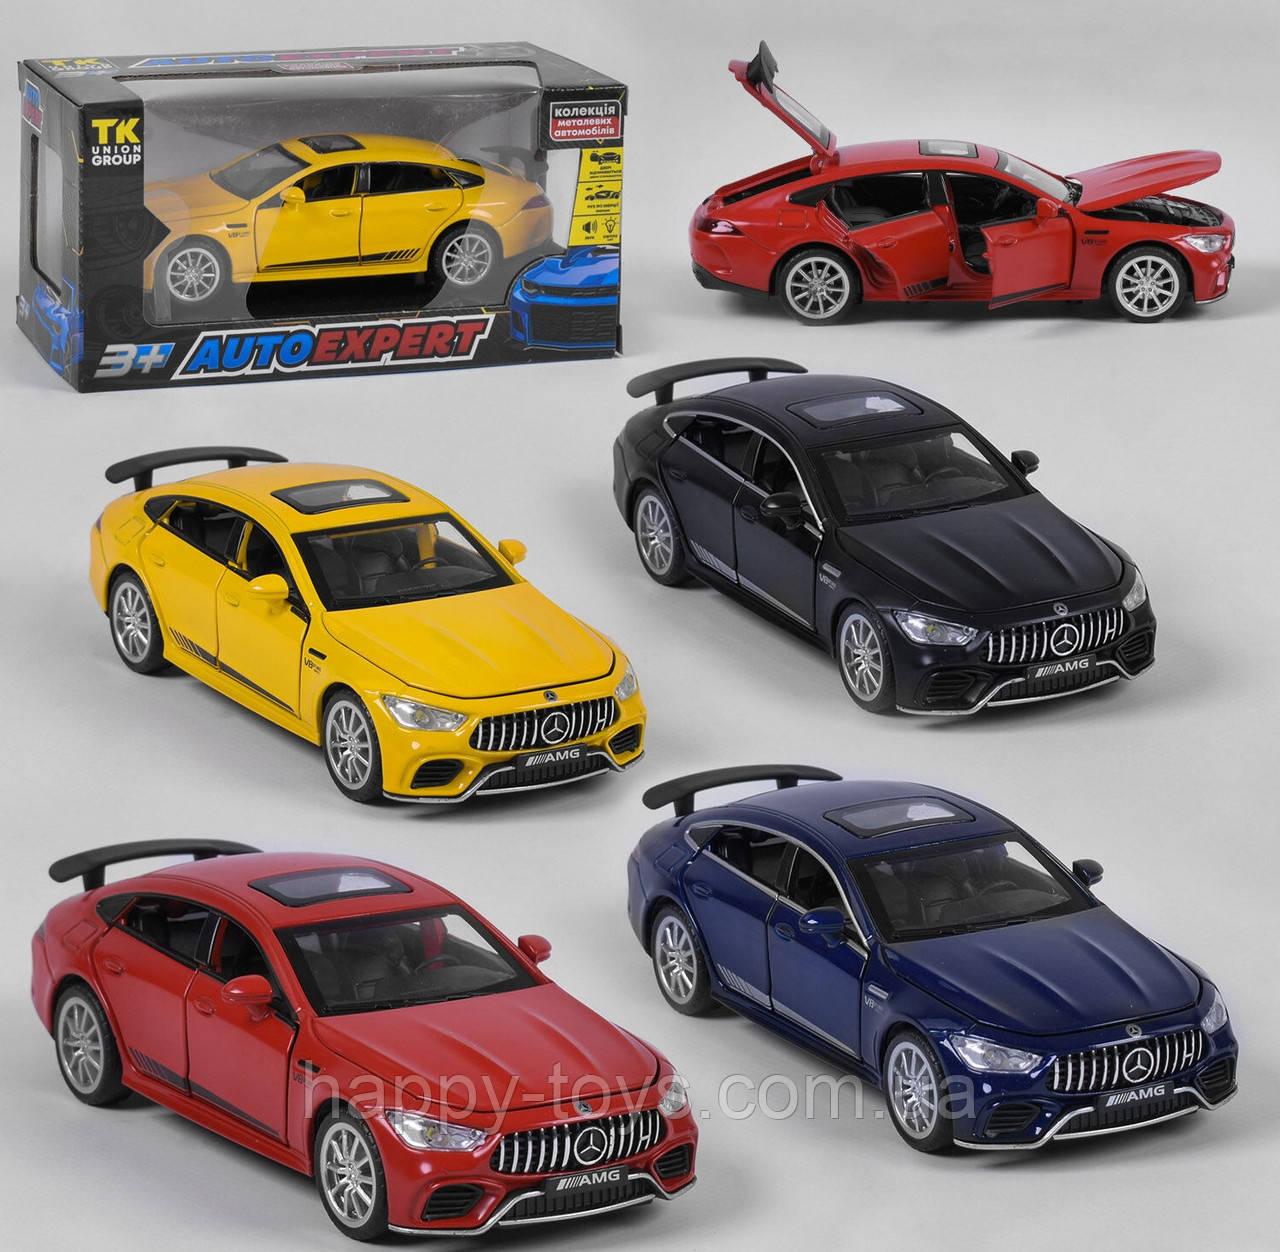 """Машинка Мерседес AMG металлическая инерционная, 1:32 """"Auto Expert"""" VB 63006, 4 цвета со звуком и светом"""